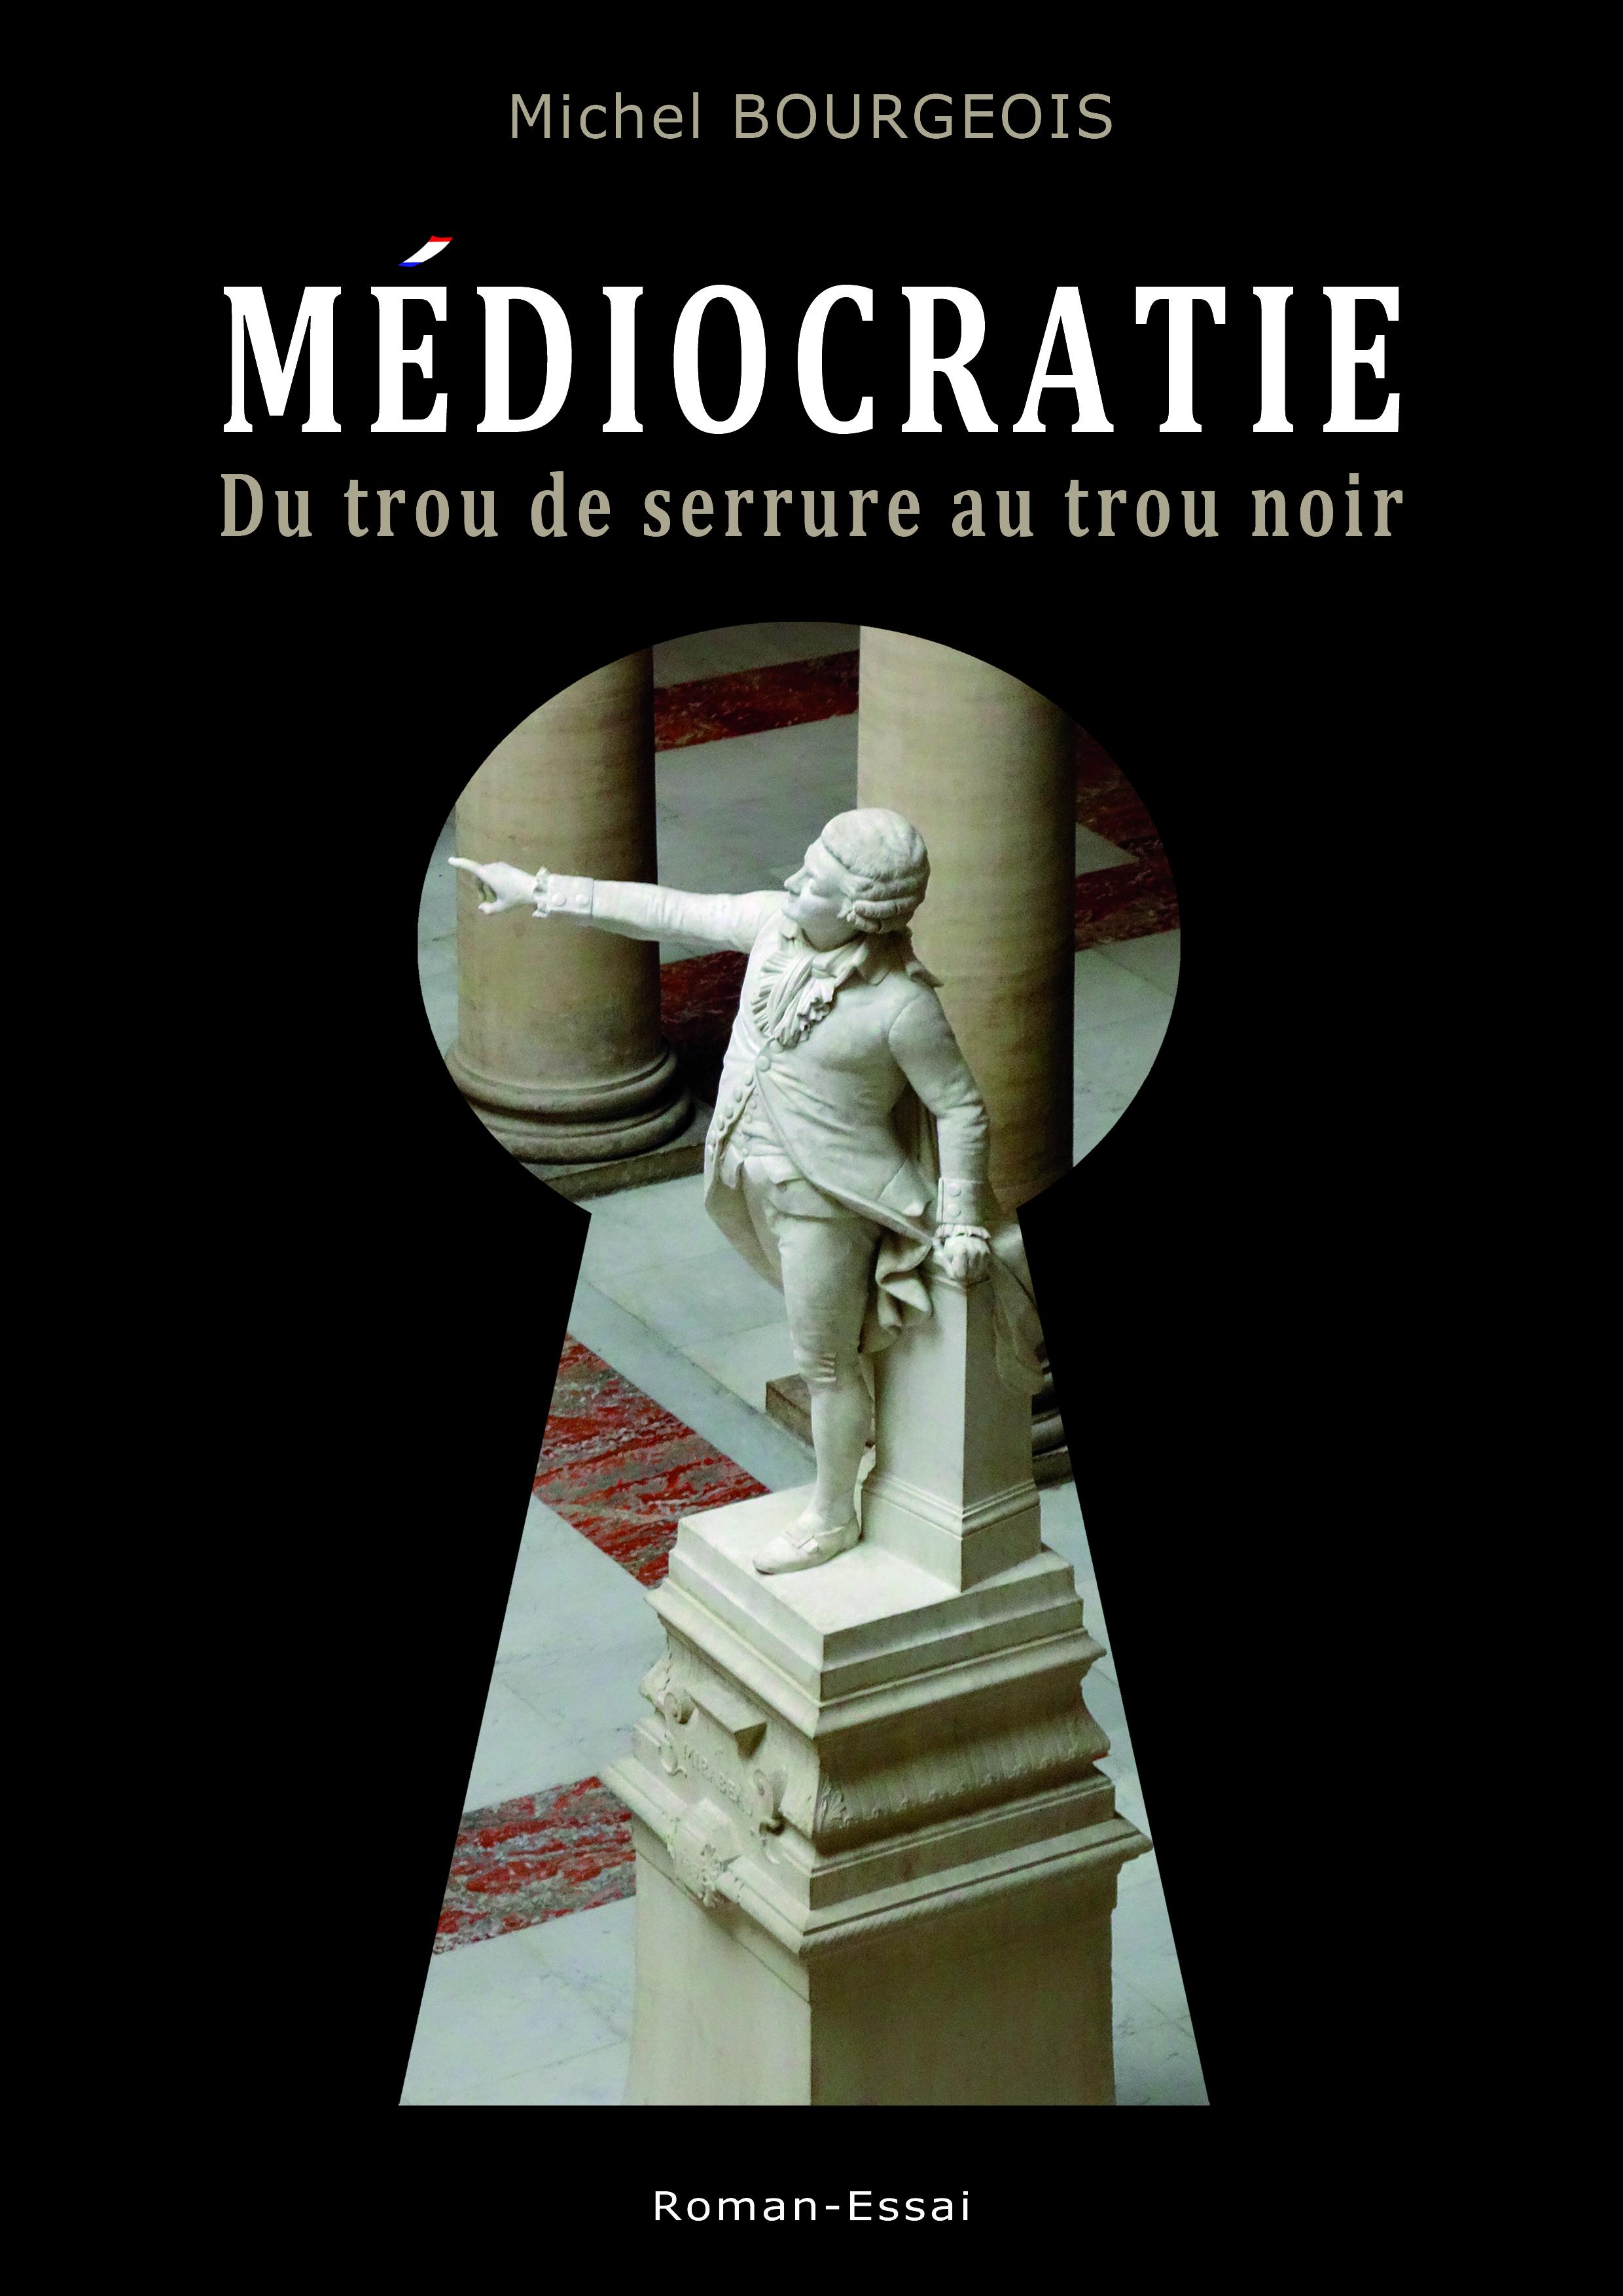 MEDIOCRATIE 1